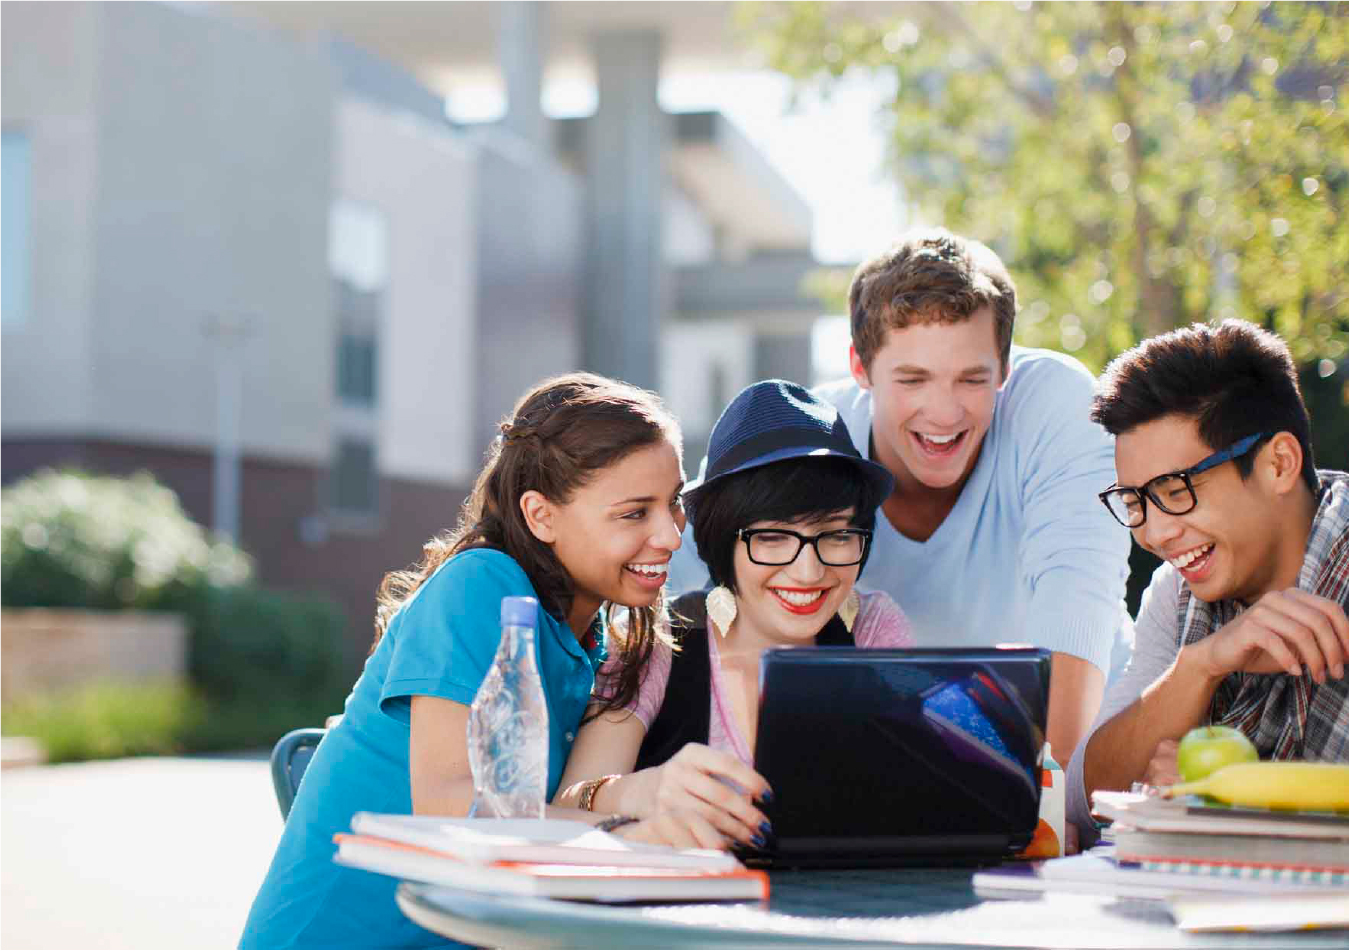 澳凯留学后服务全面升级-留学移民一站式管家服务!